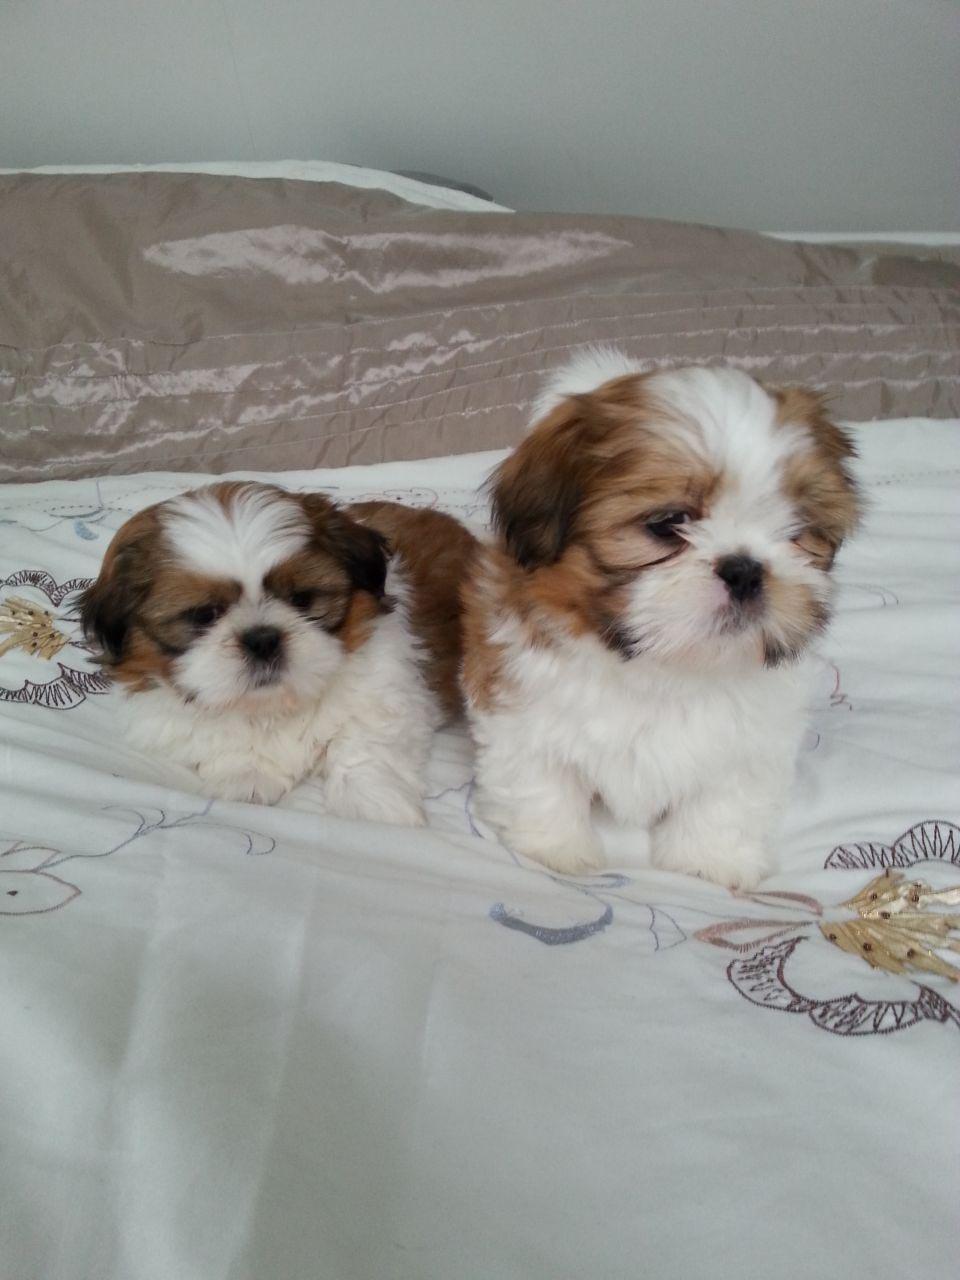 8 Week Old Shih Tzu Puppy